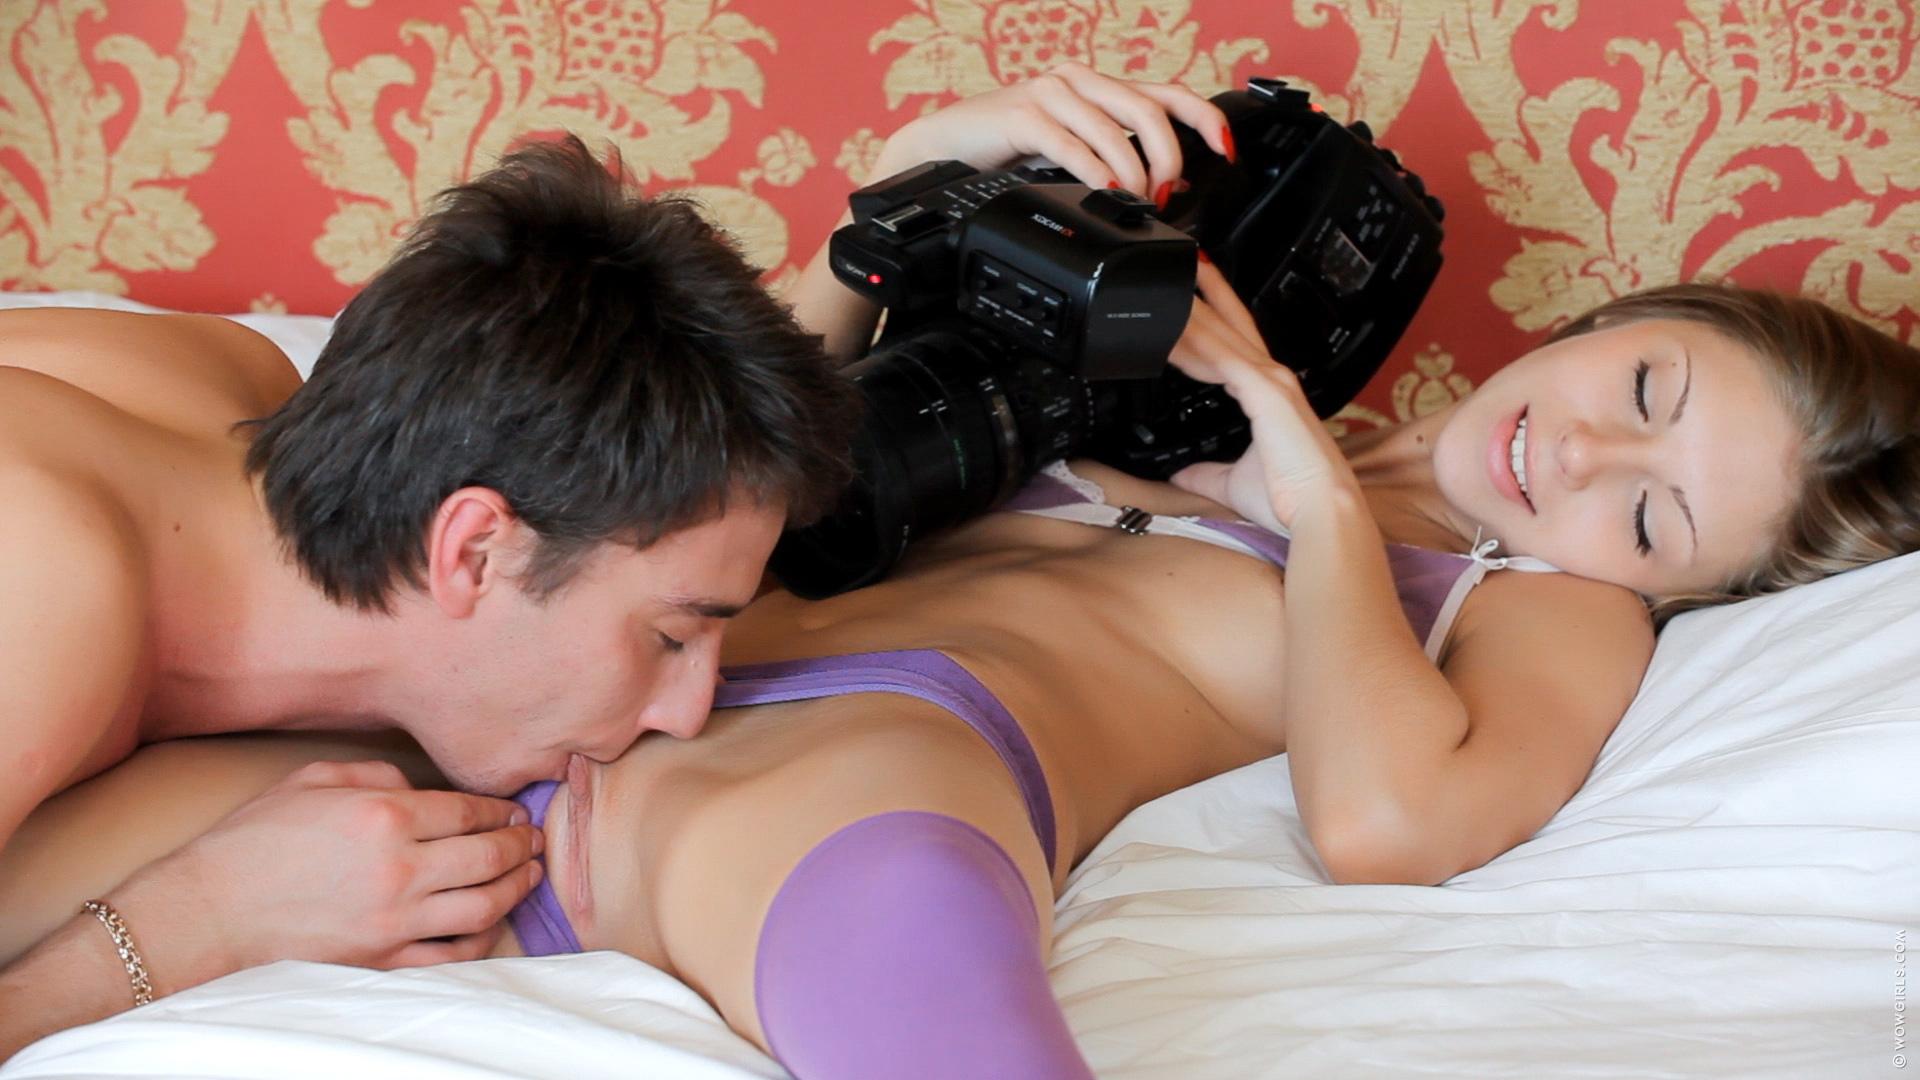 Секс маньяк в руках нимфоманочки 21 фотография